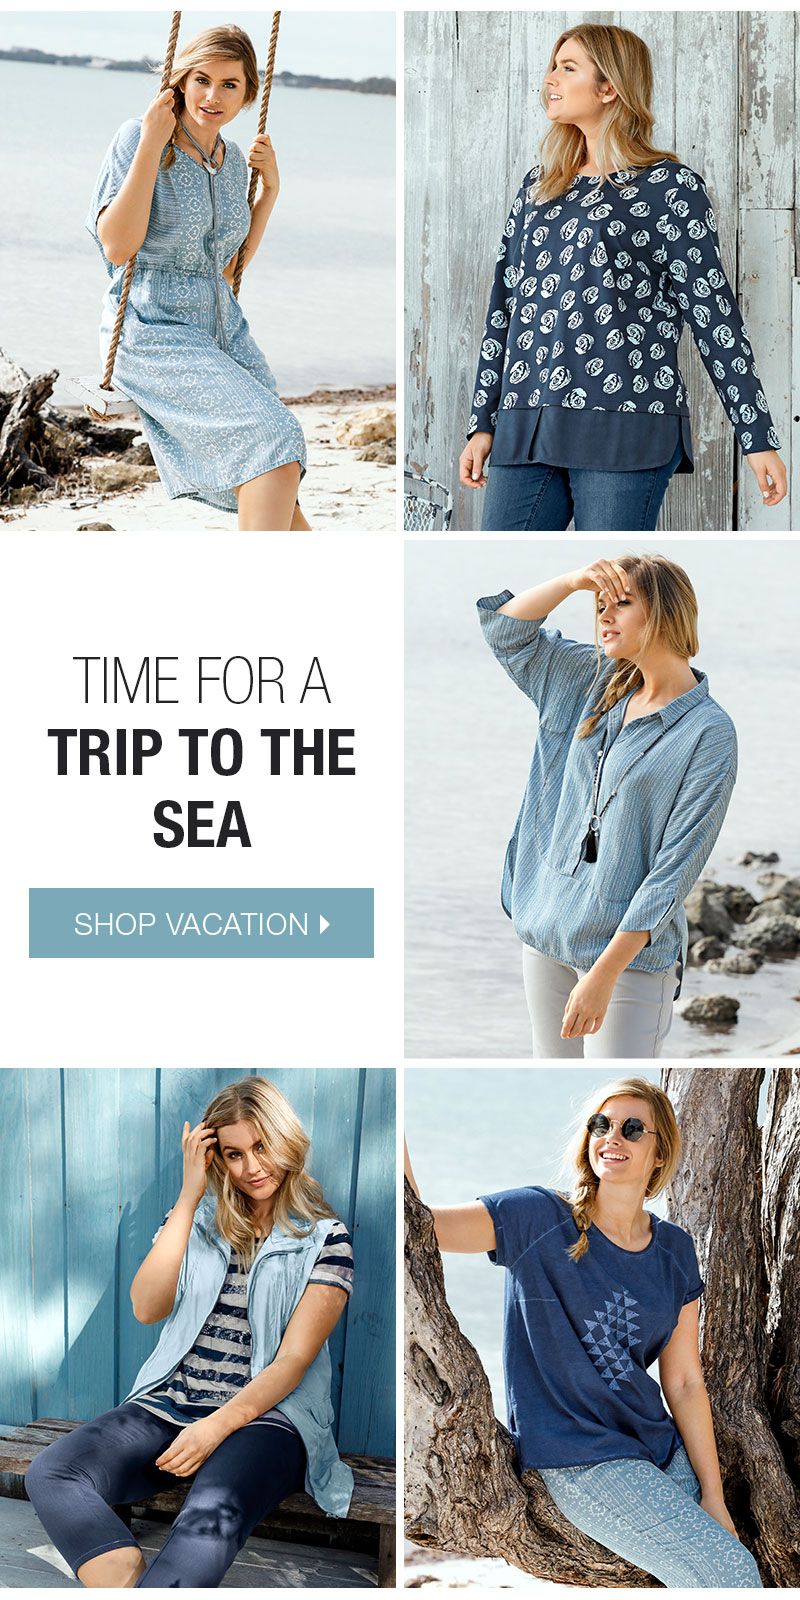 Vacation Shop